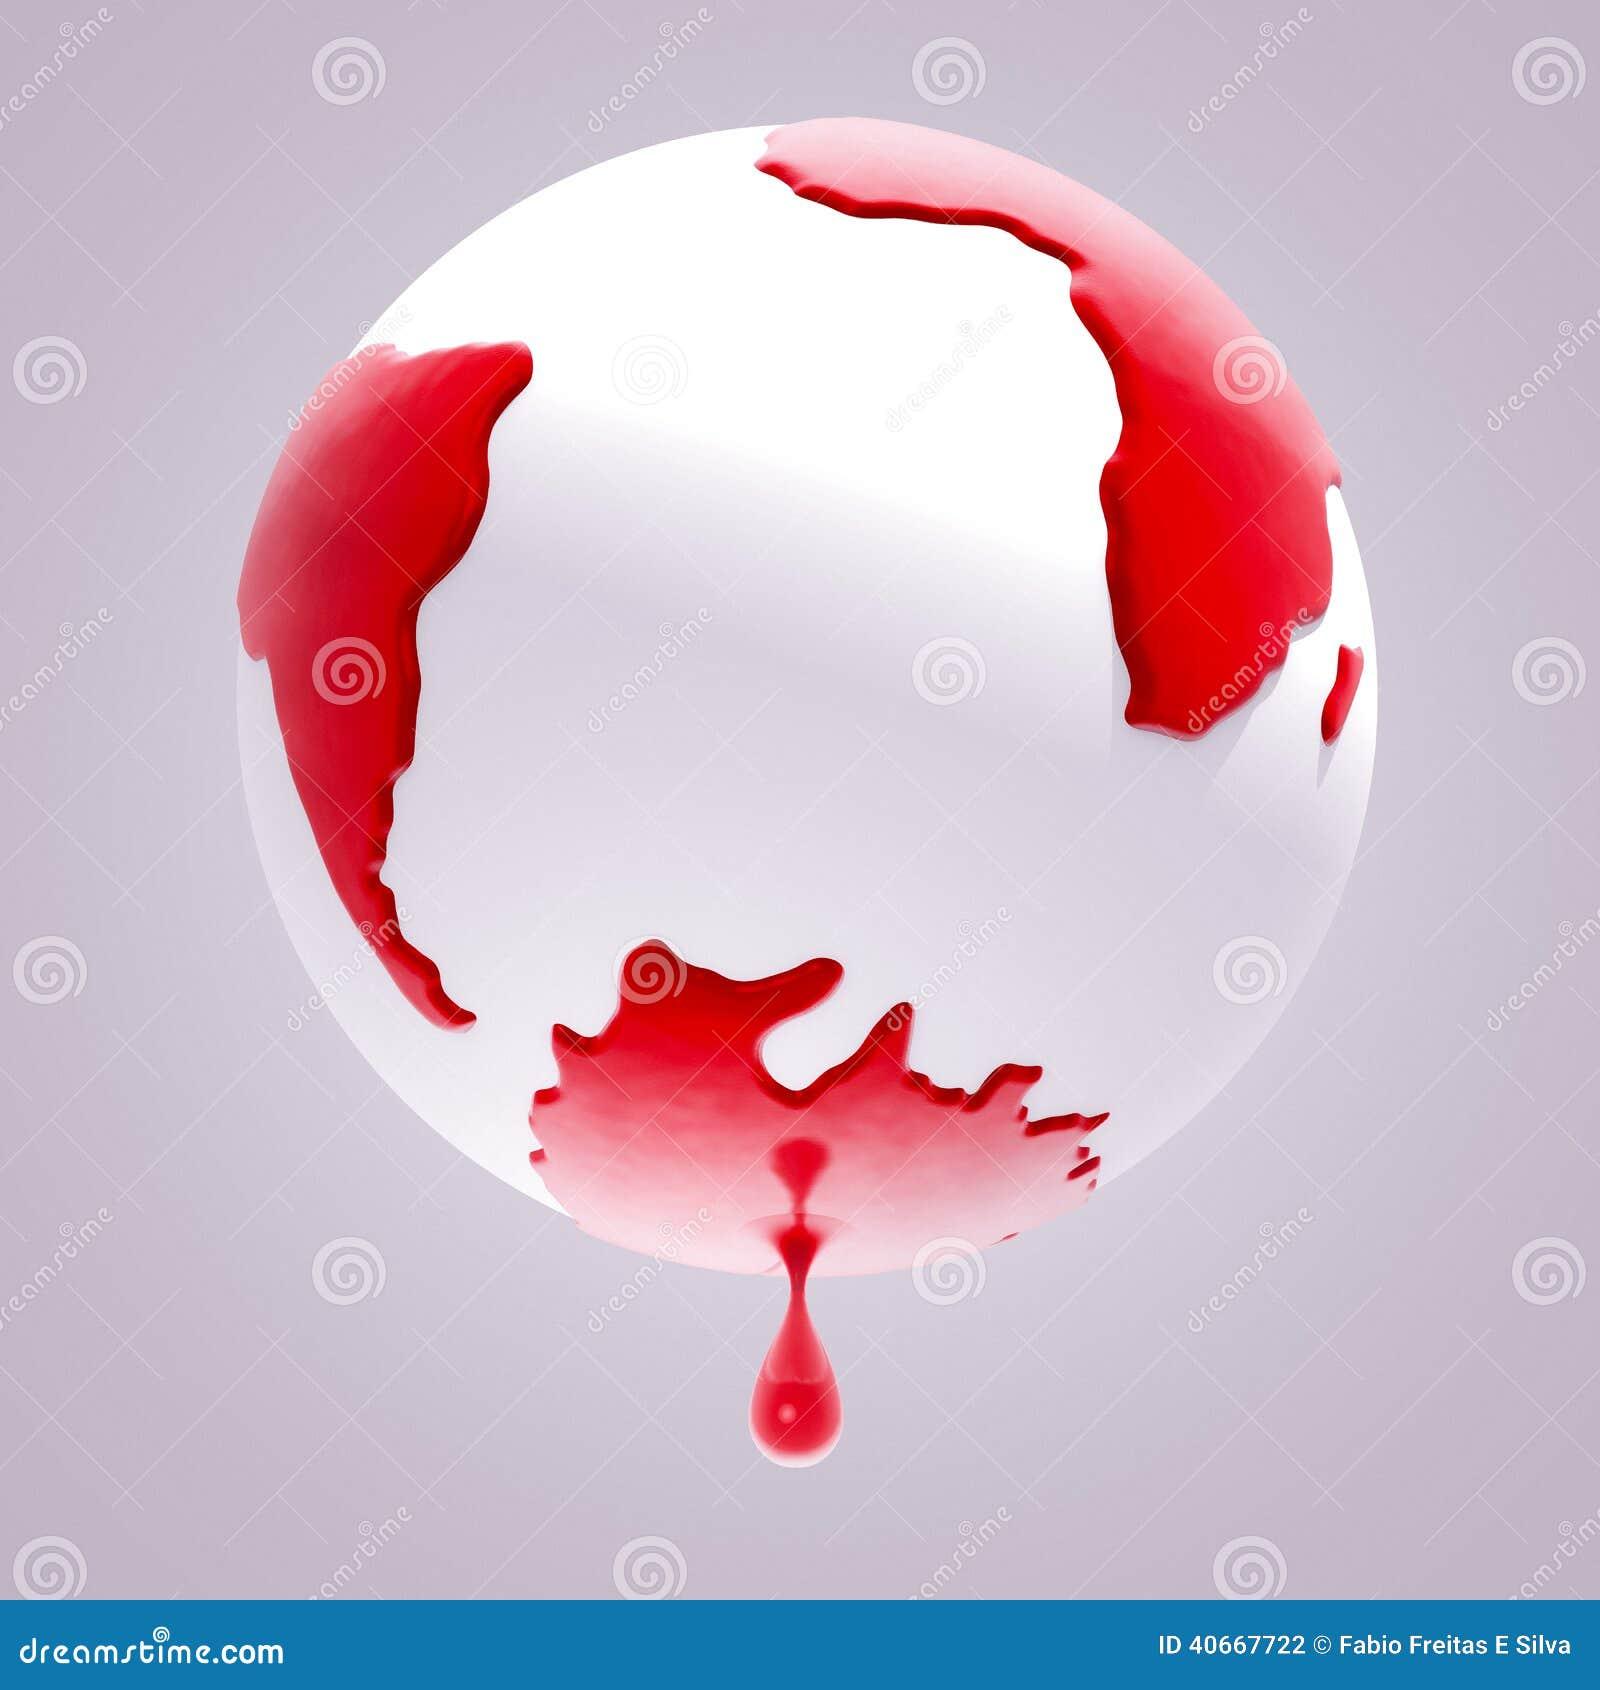 planet earth bleeding stock illustration  image of bleeding